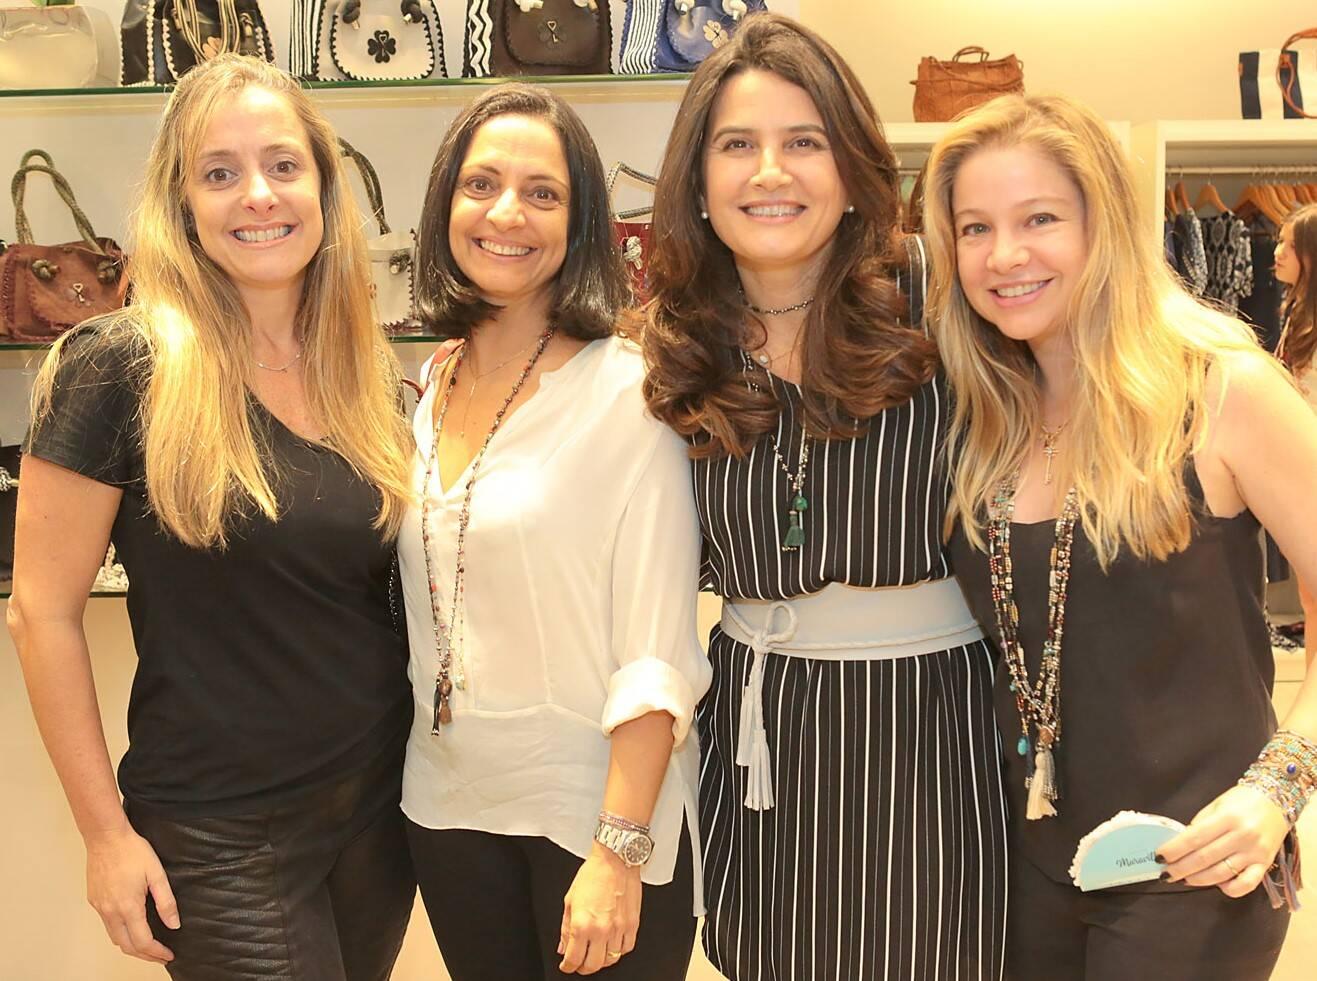 Claudia Garson, Andrea Zagury, Fernanda Chies e Alessandra Curvelo 3388_AGi9_Reginaldo Teixeira_p